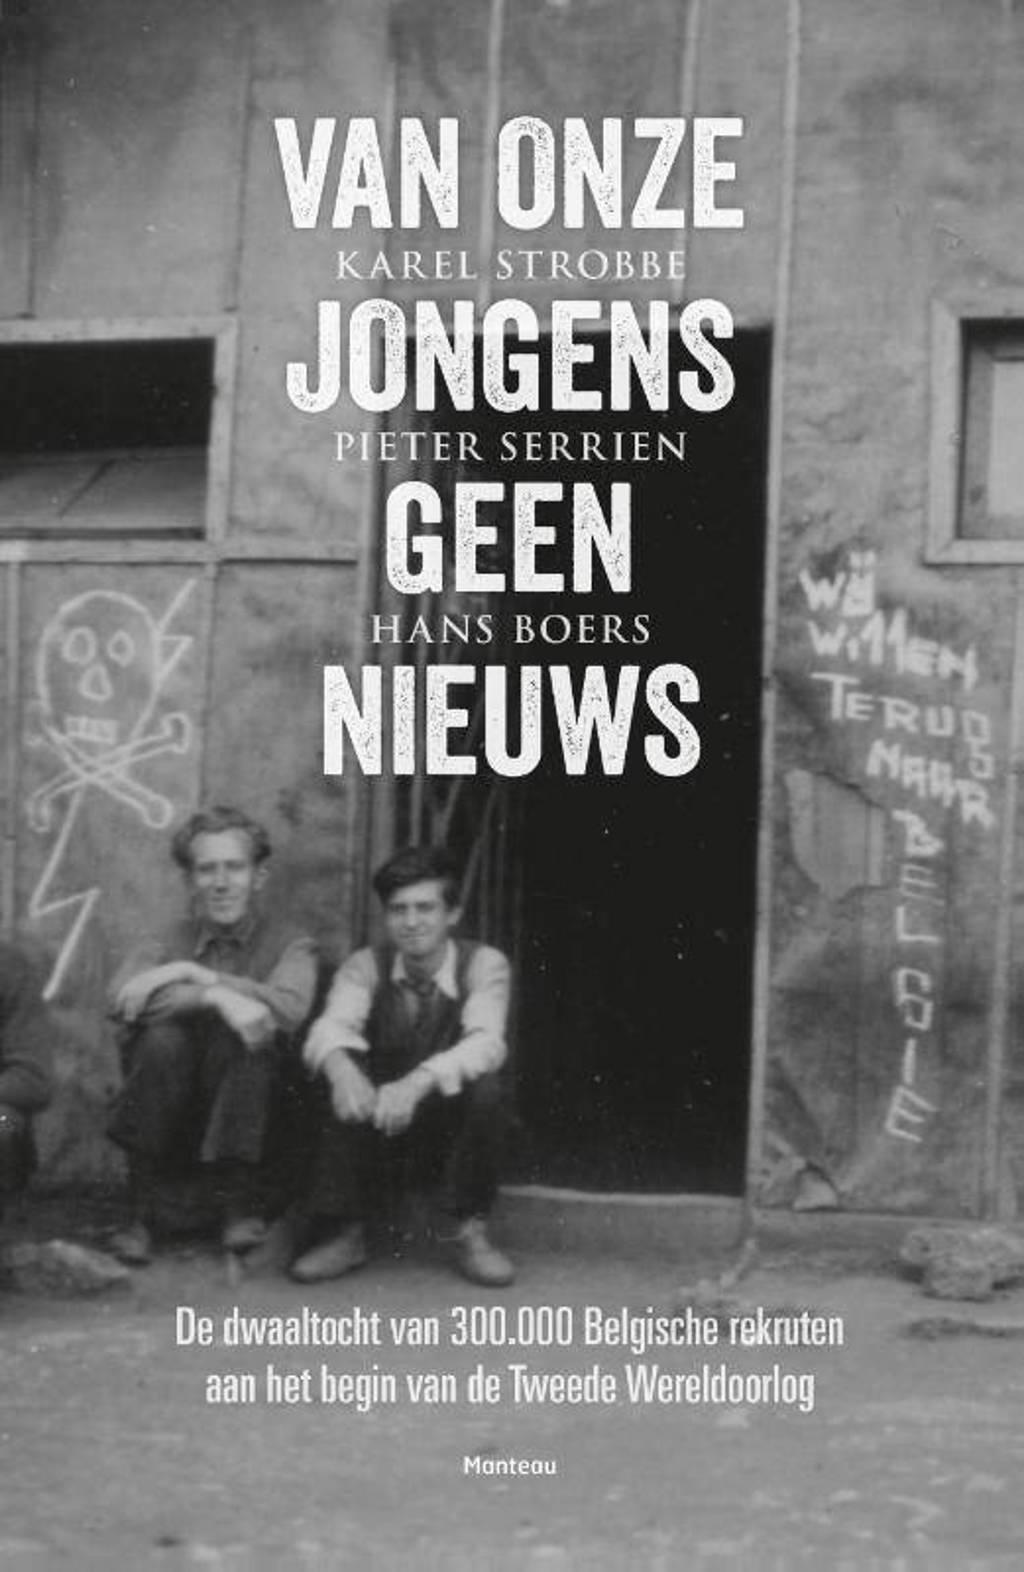 Van onze jongens geen nieuws - Karel Strobbe, Pieter Serrien en Hans Boers